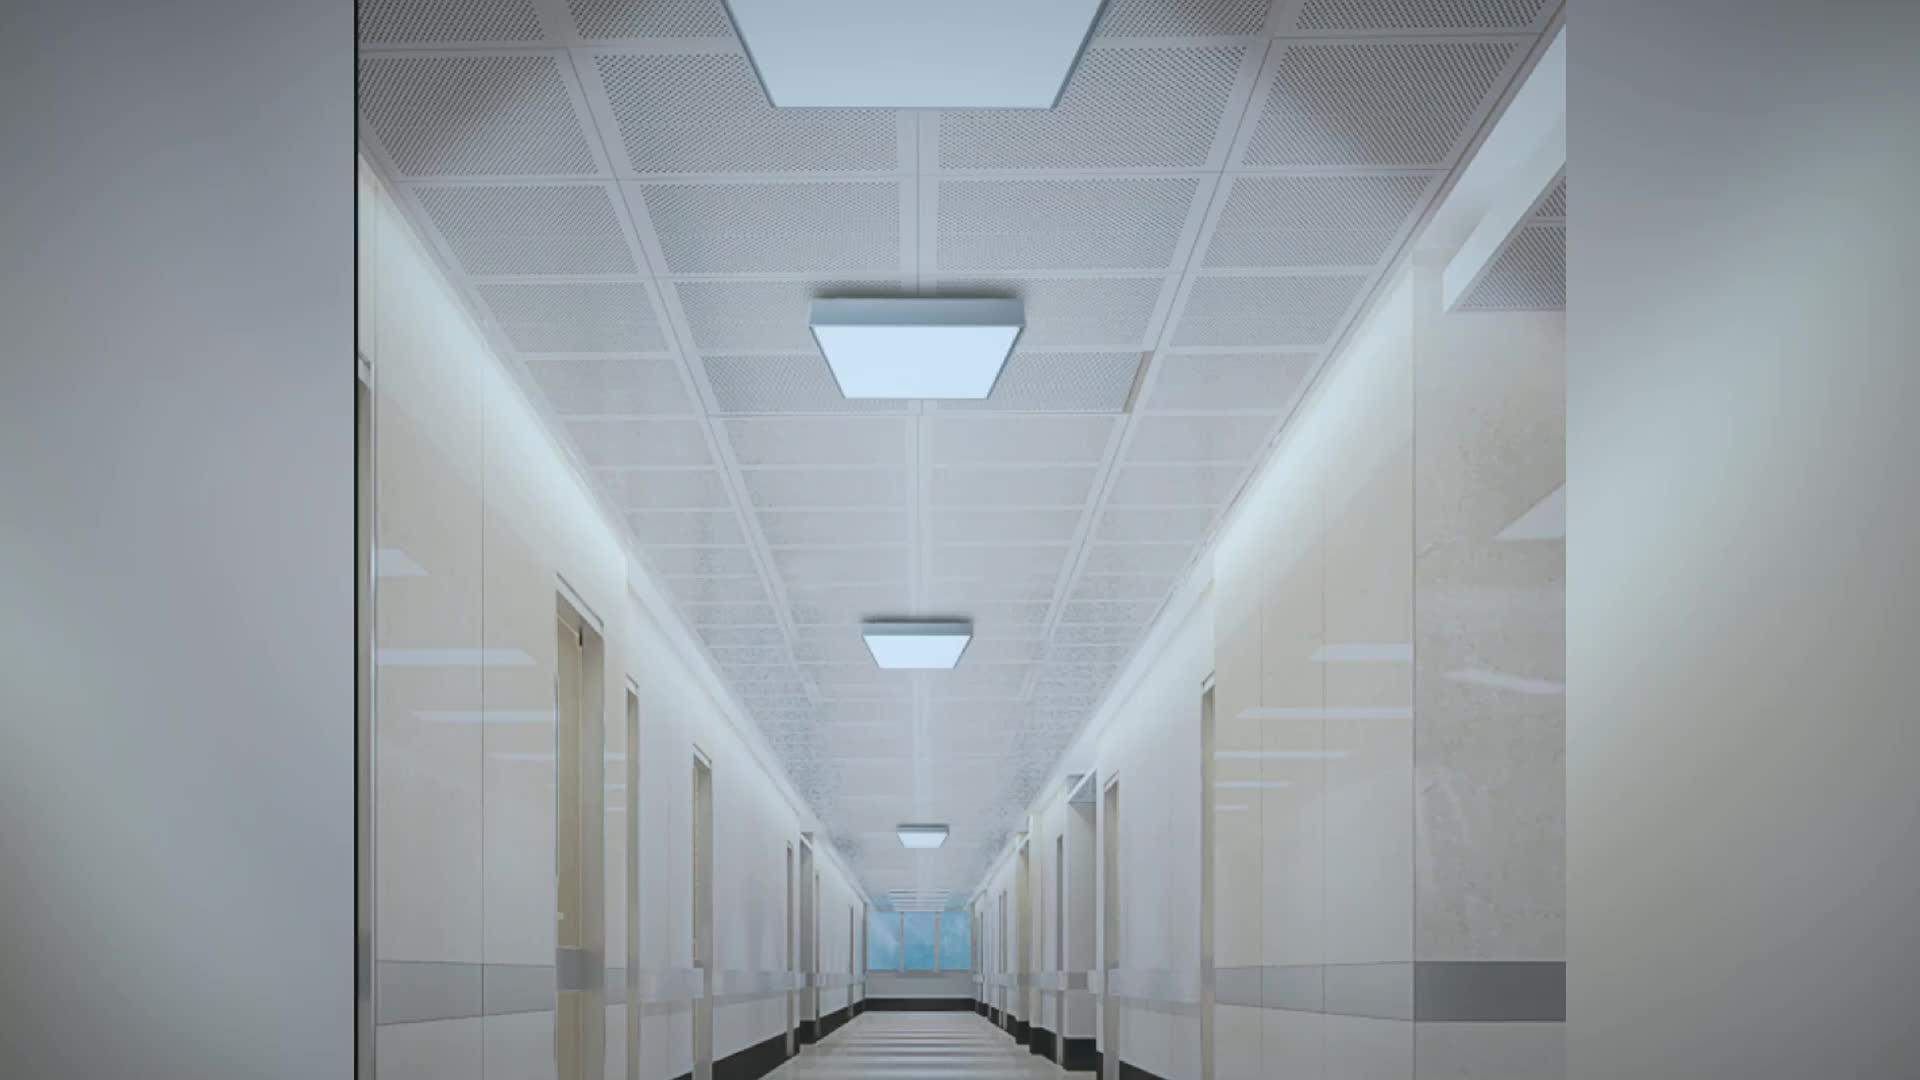 P4001 квадратный потолочный светодиодный настенный светильник с перегородкой для помещений и улицы IP65 Водонепроницаемый подвесной светильник для поверхностного монтажа